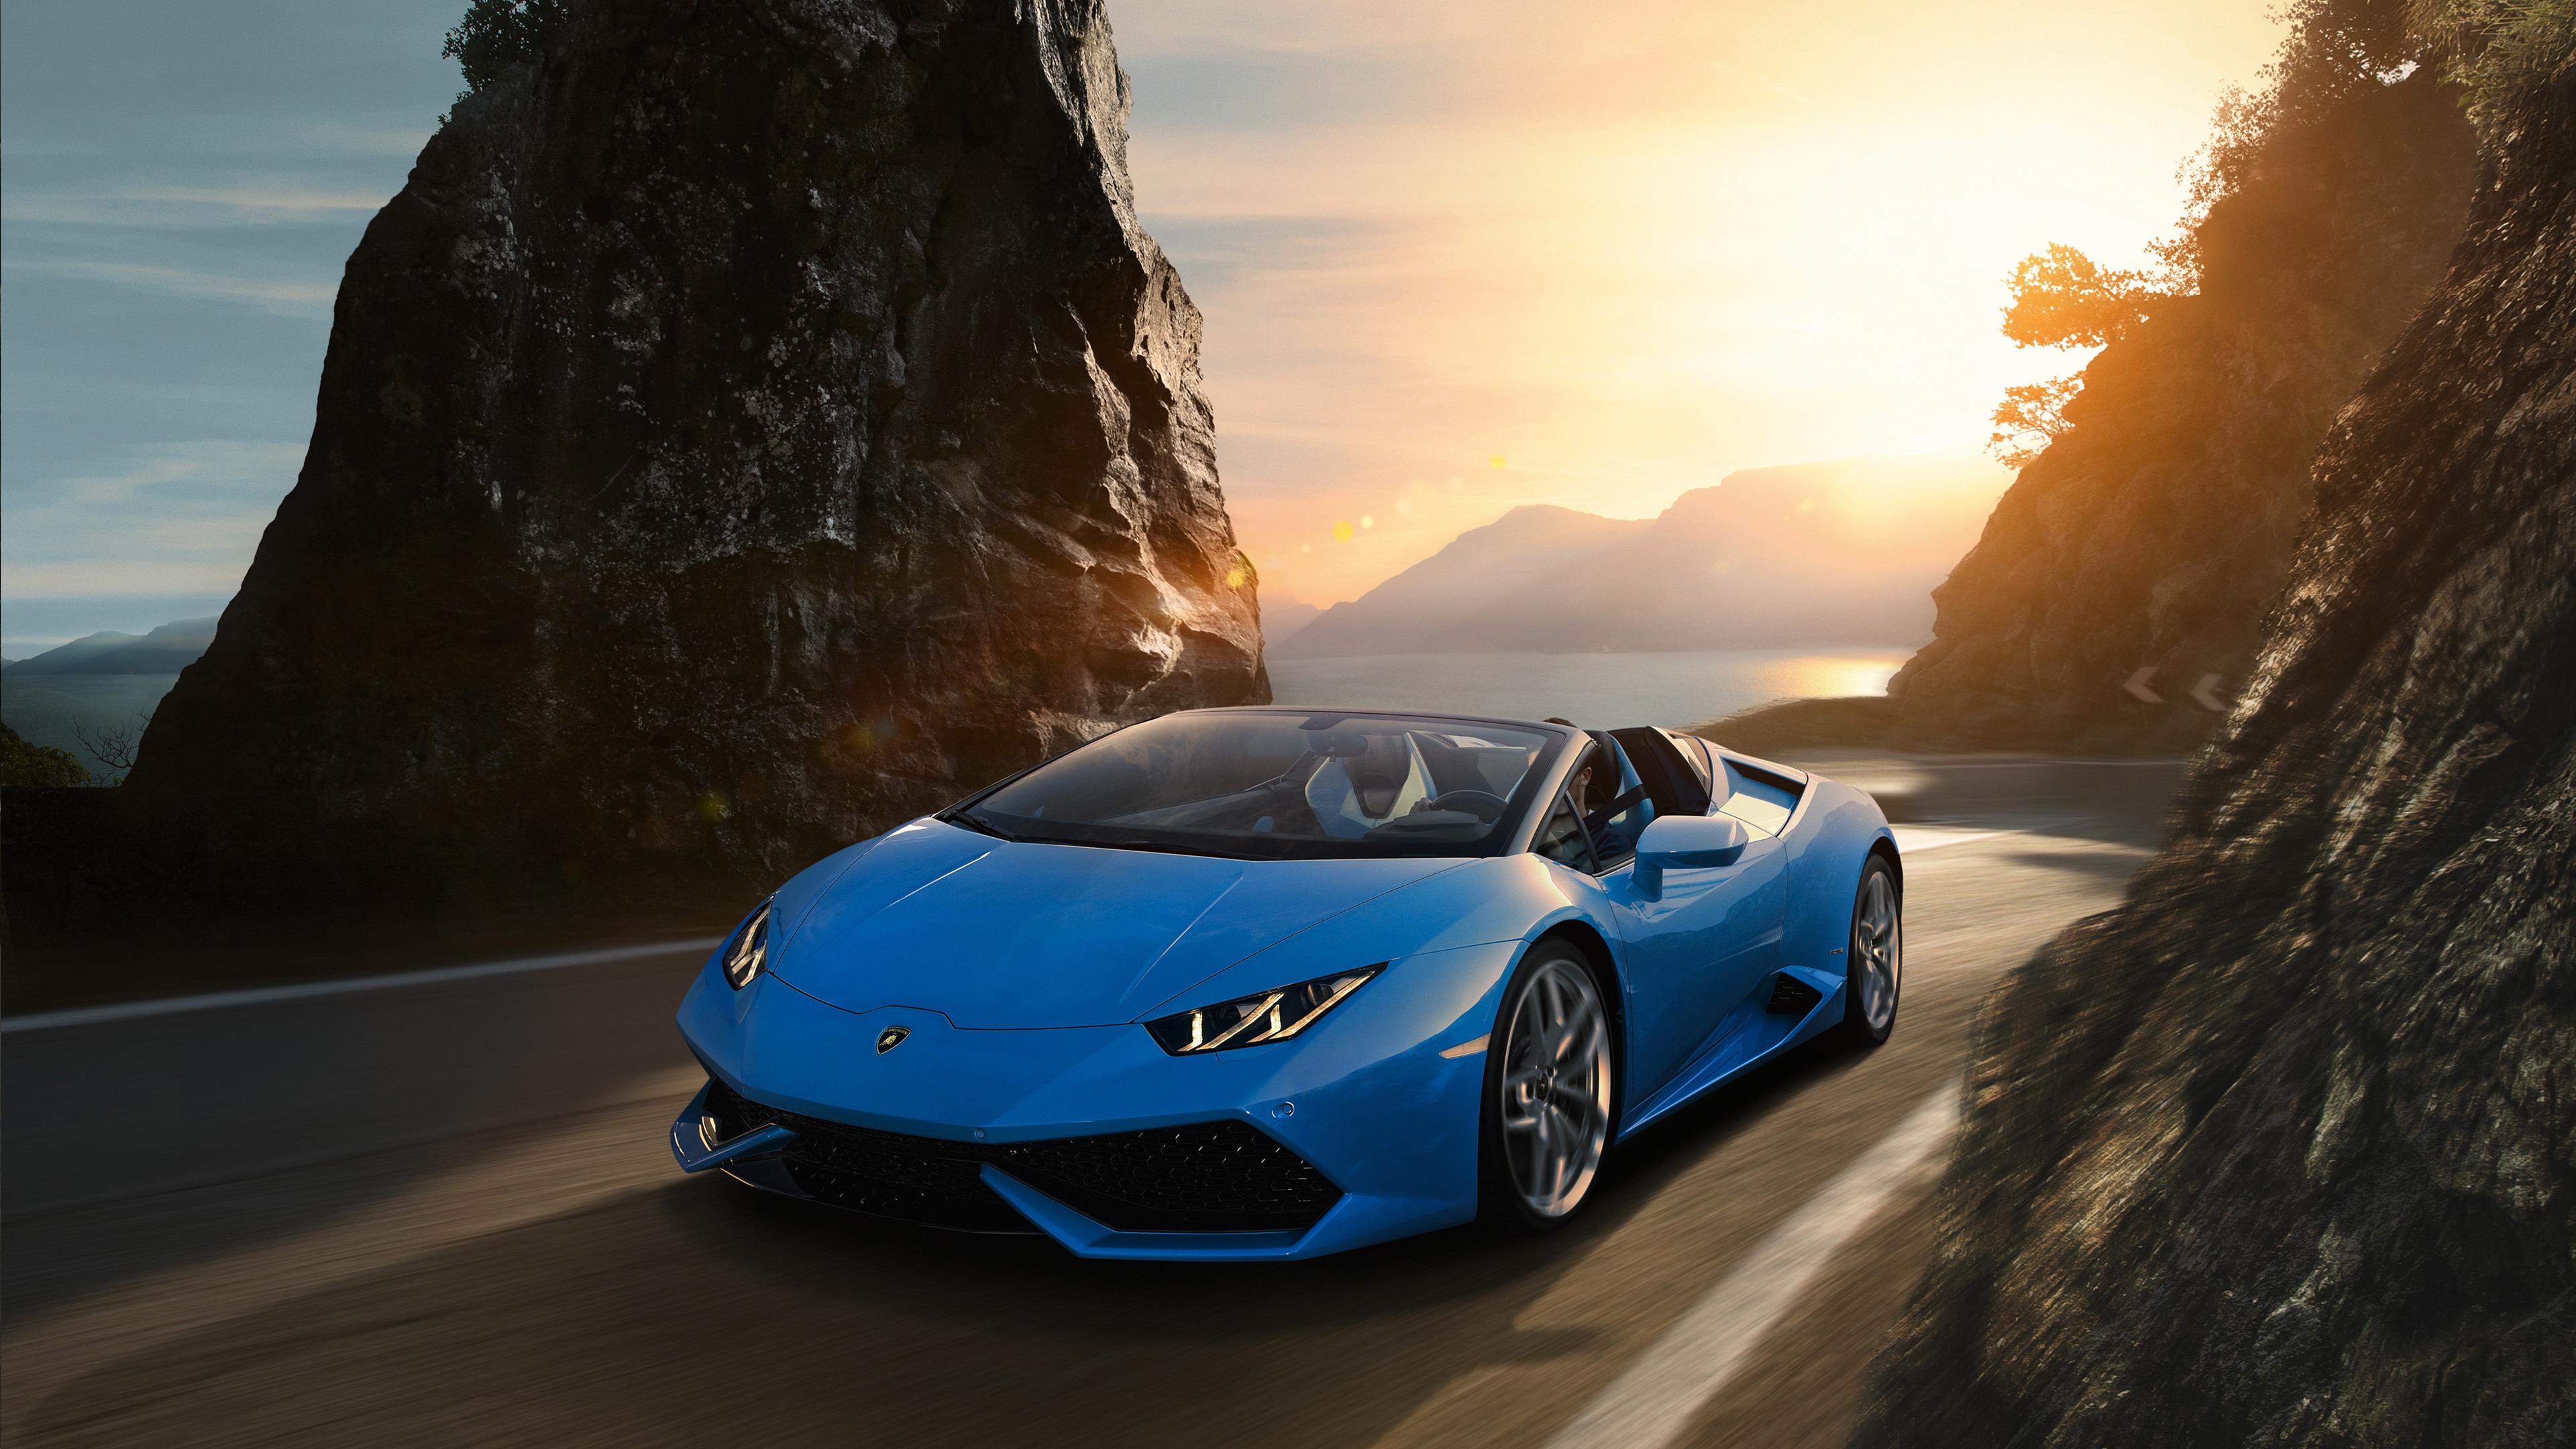 Sky Blue Lamborghini Huracan 4k, HD Cars, 4k Wallpapers ...